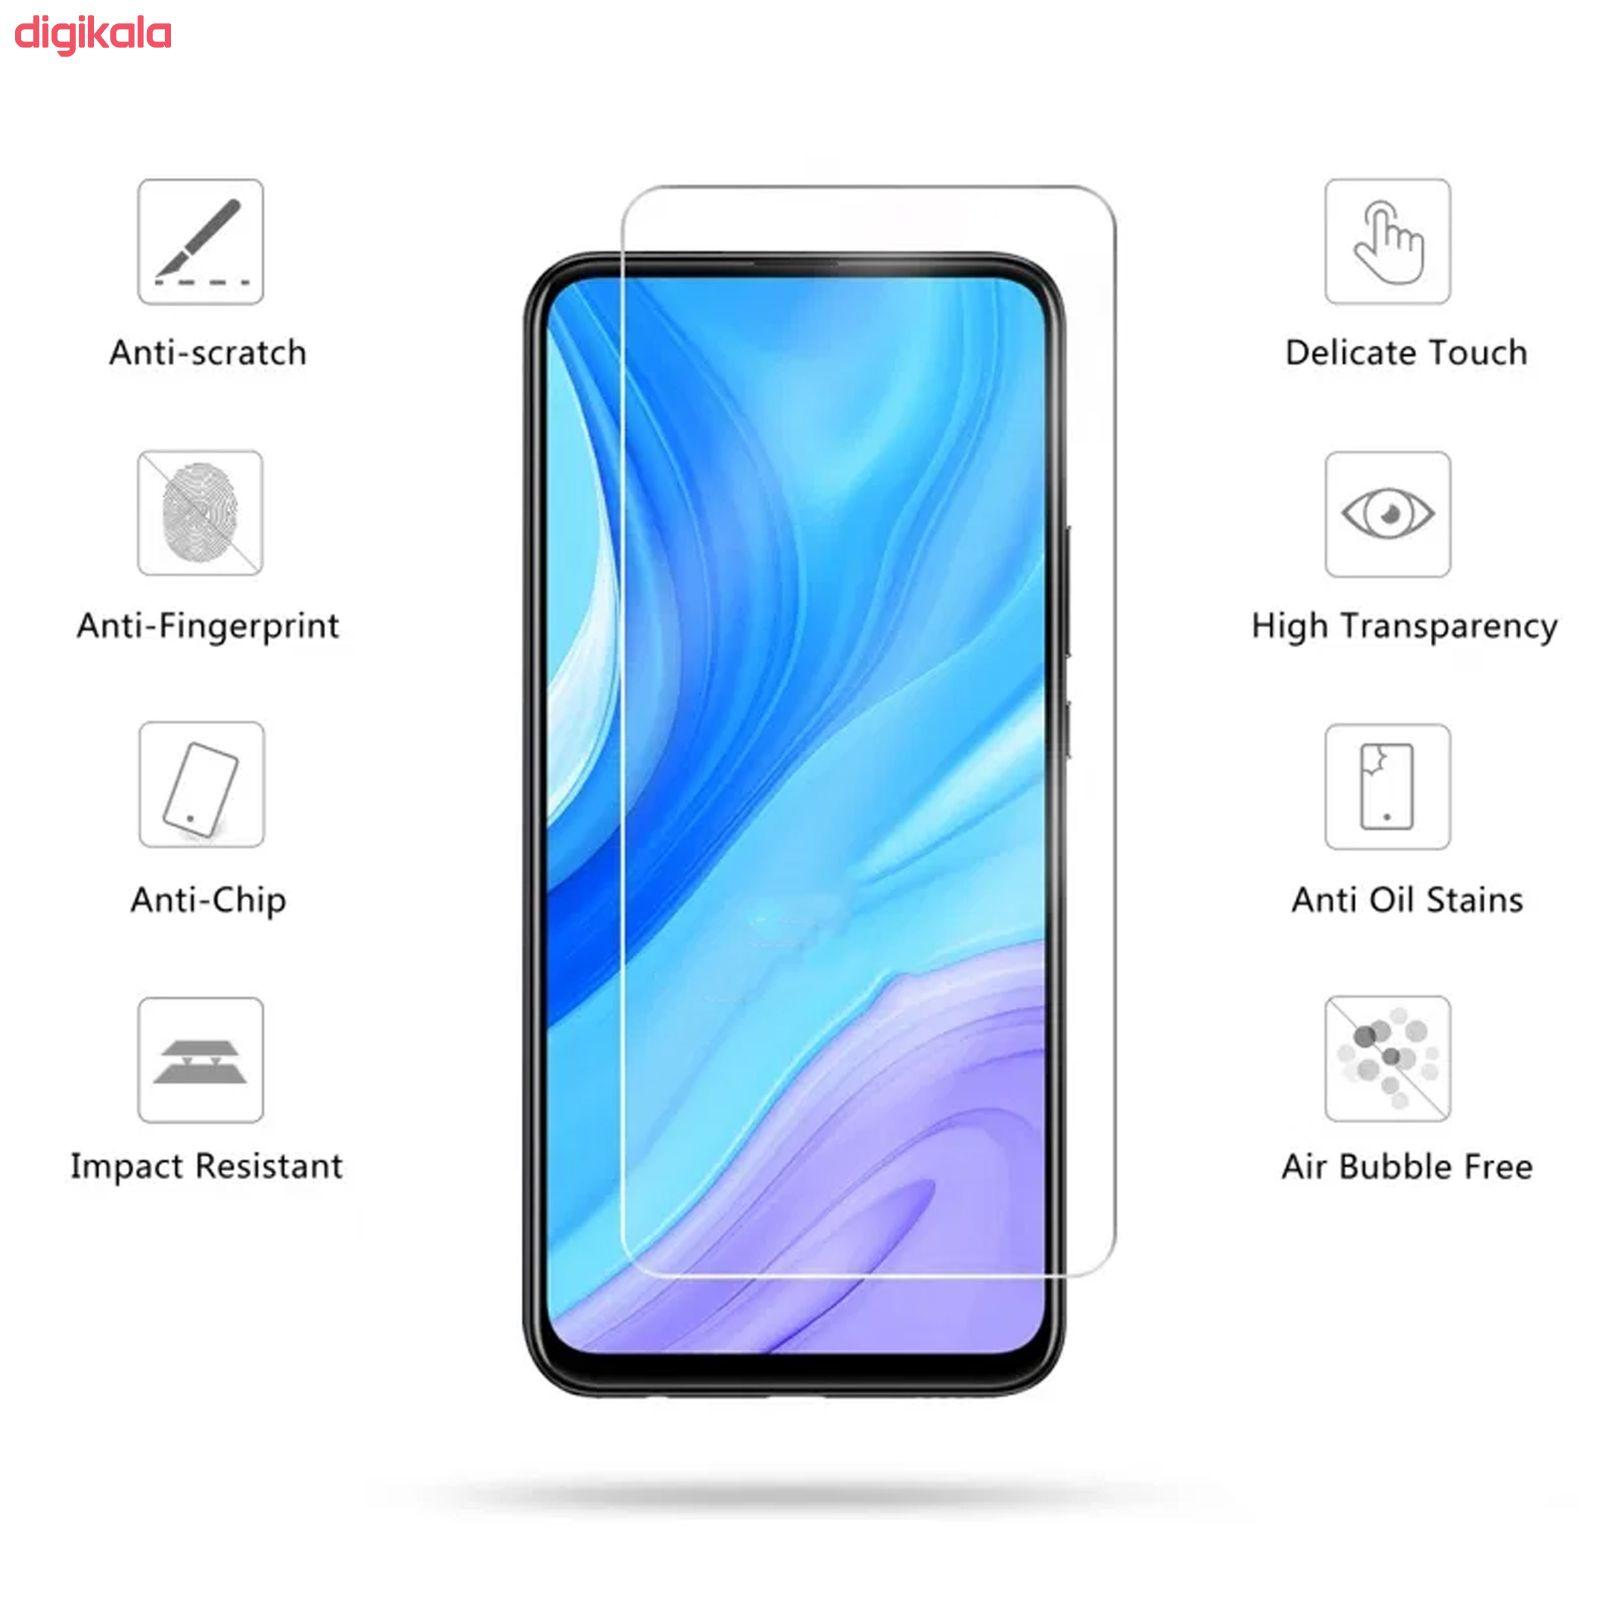 محافظ صفحه نمایش پنتر مدل SDP-004 مناسب برای گوشی موبایل هوآوی Y9s main 1 5